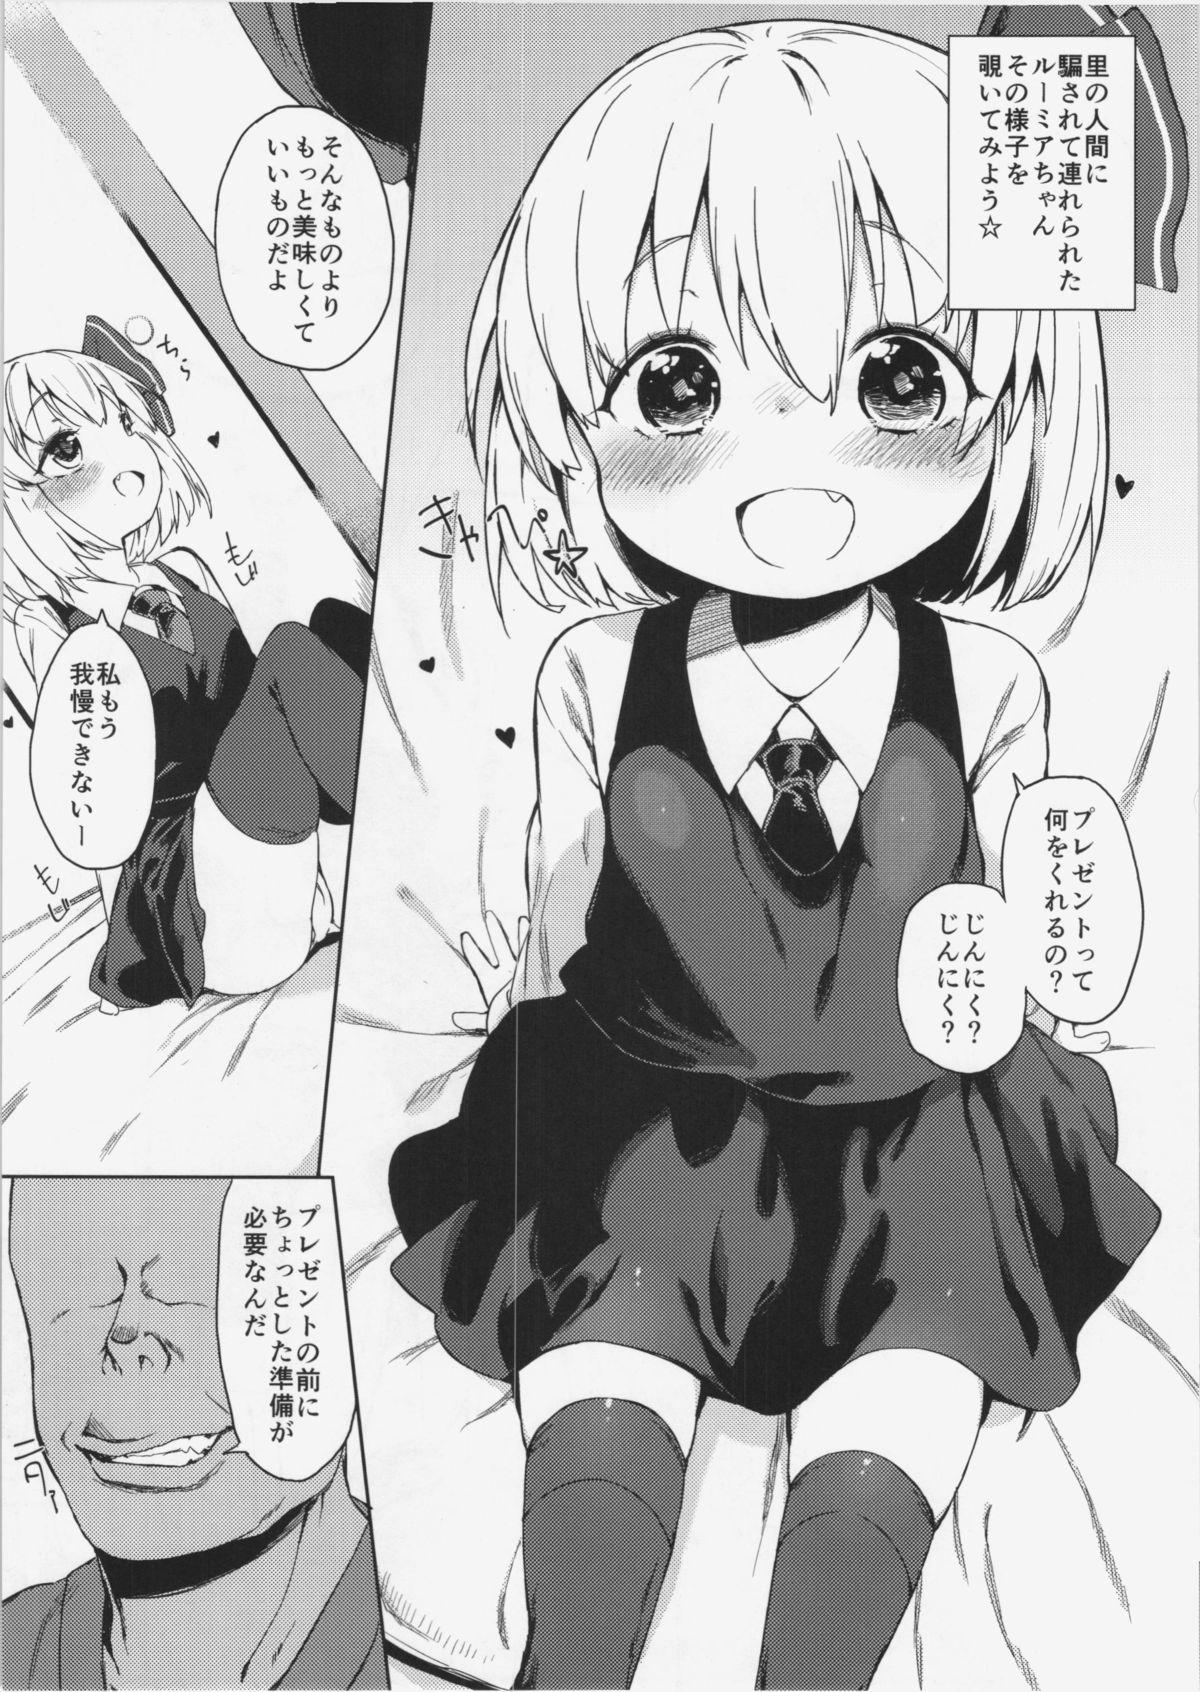 Rumia-chan no Oishii Tokoro 3